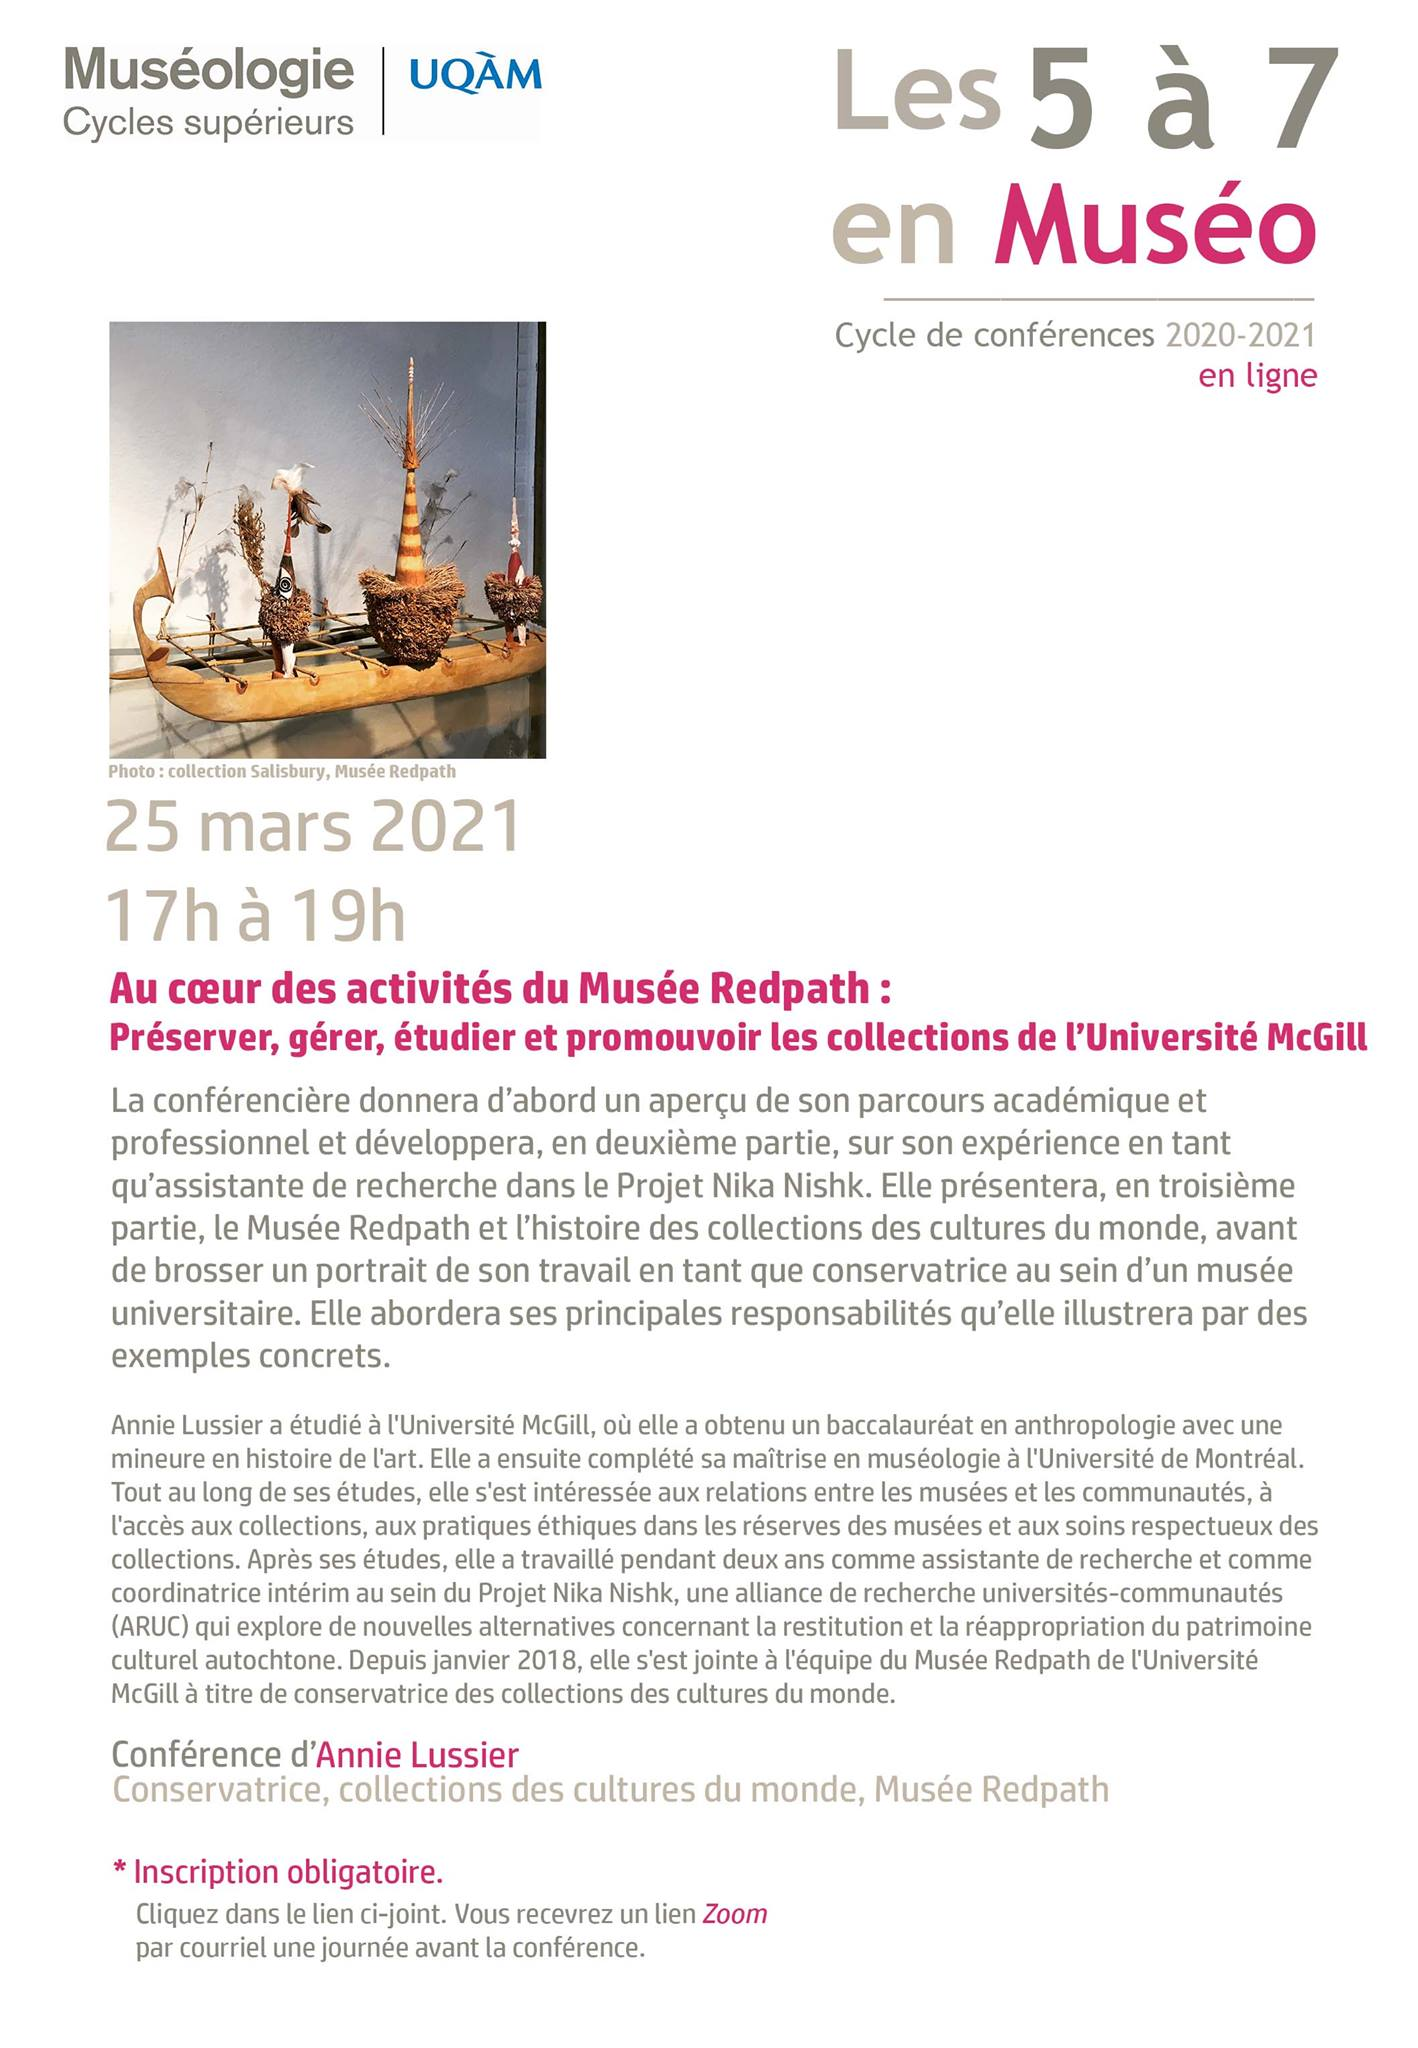 5 à 7 en muséo | Annie Lussier : Au cœur des activités du Musée Redpath